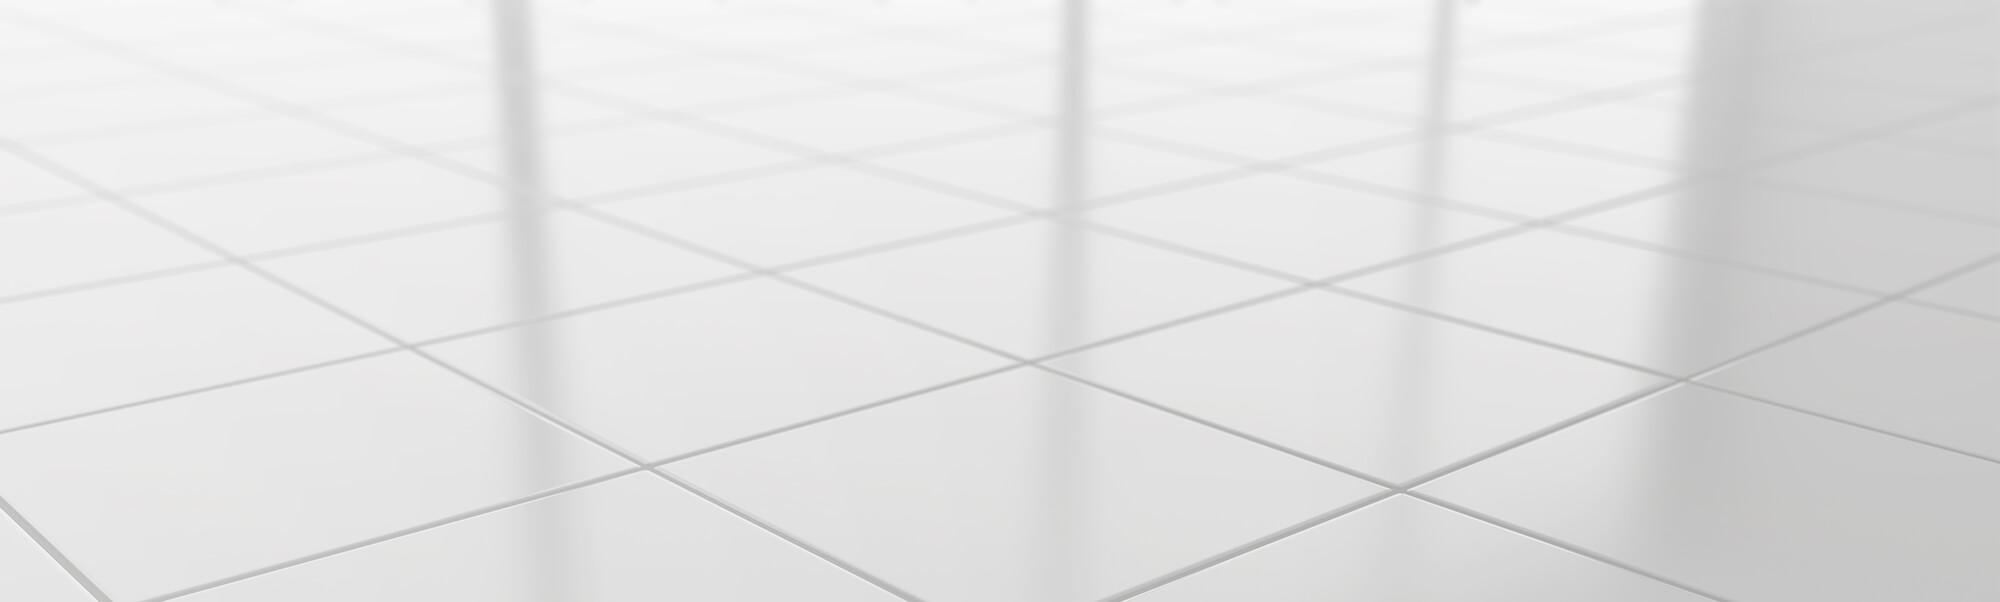 Discount Vacs - Discount Floor Machines online